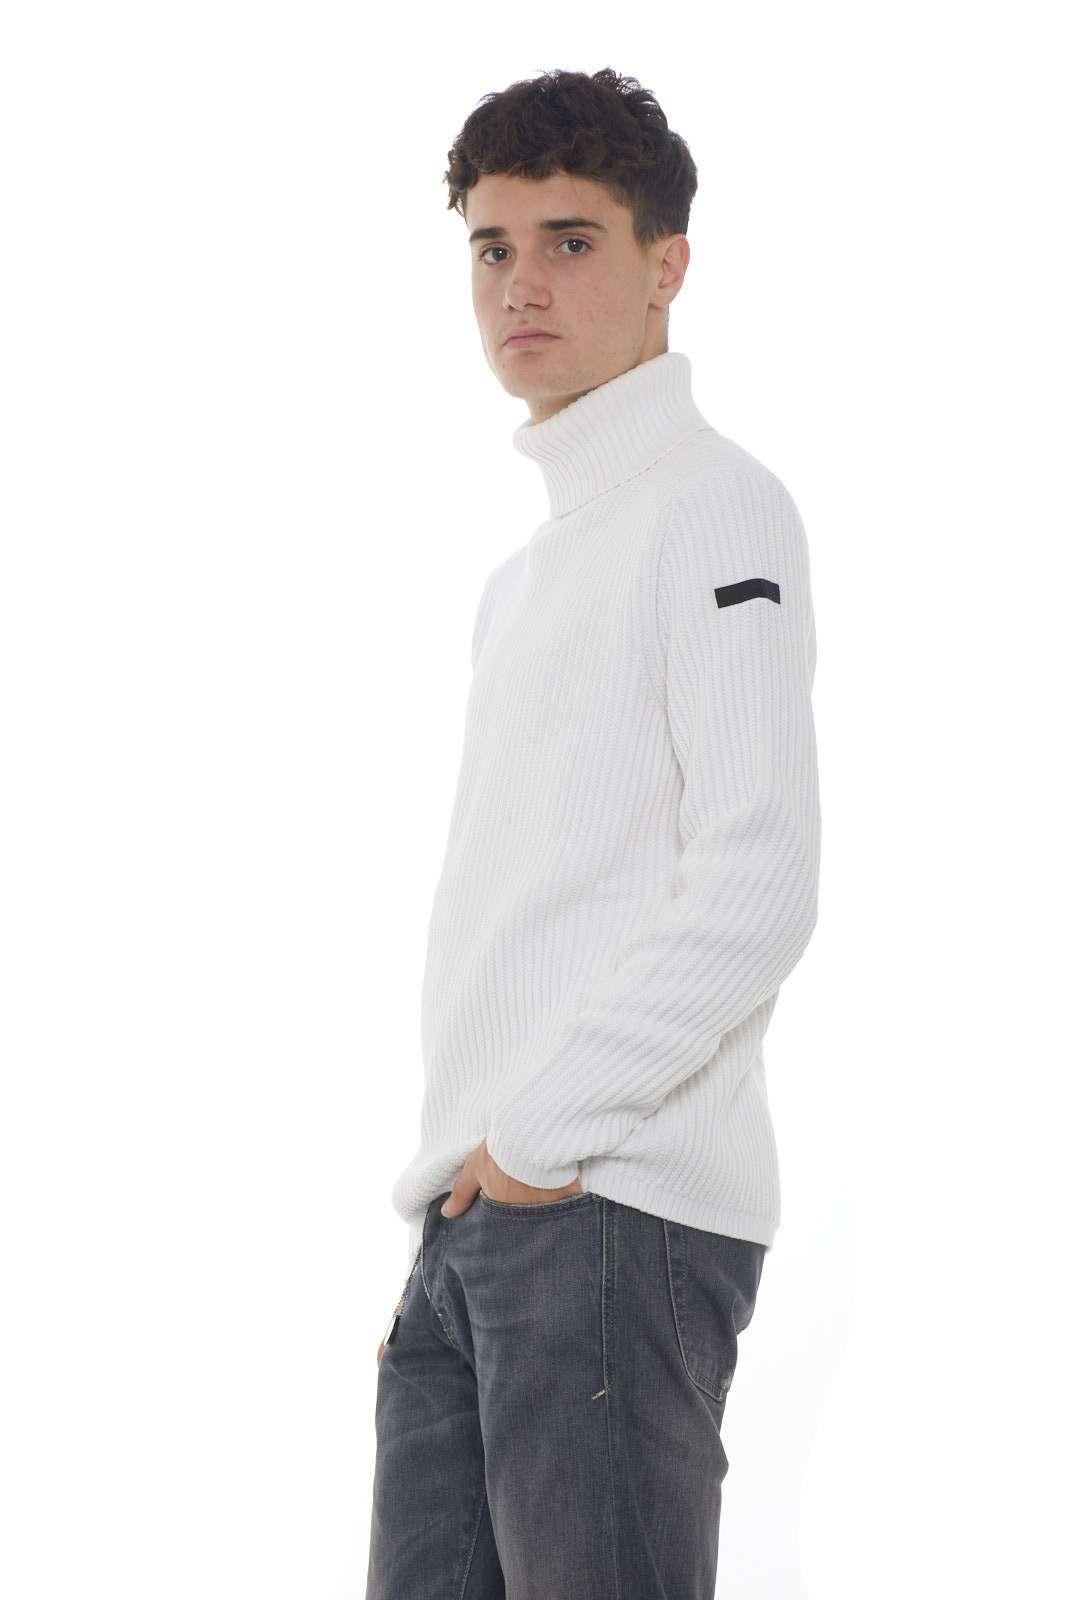 https://www.parmax.com/media/catalog/product/a/i/AI-outlet_parmax-maglia-uomo-RRD-W19112-B.jpg